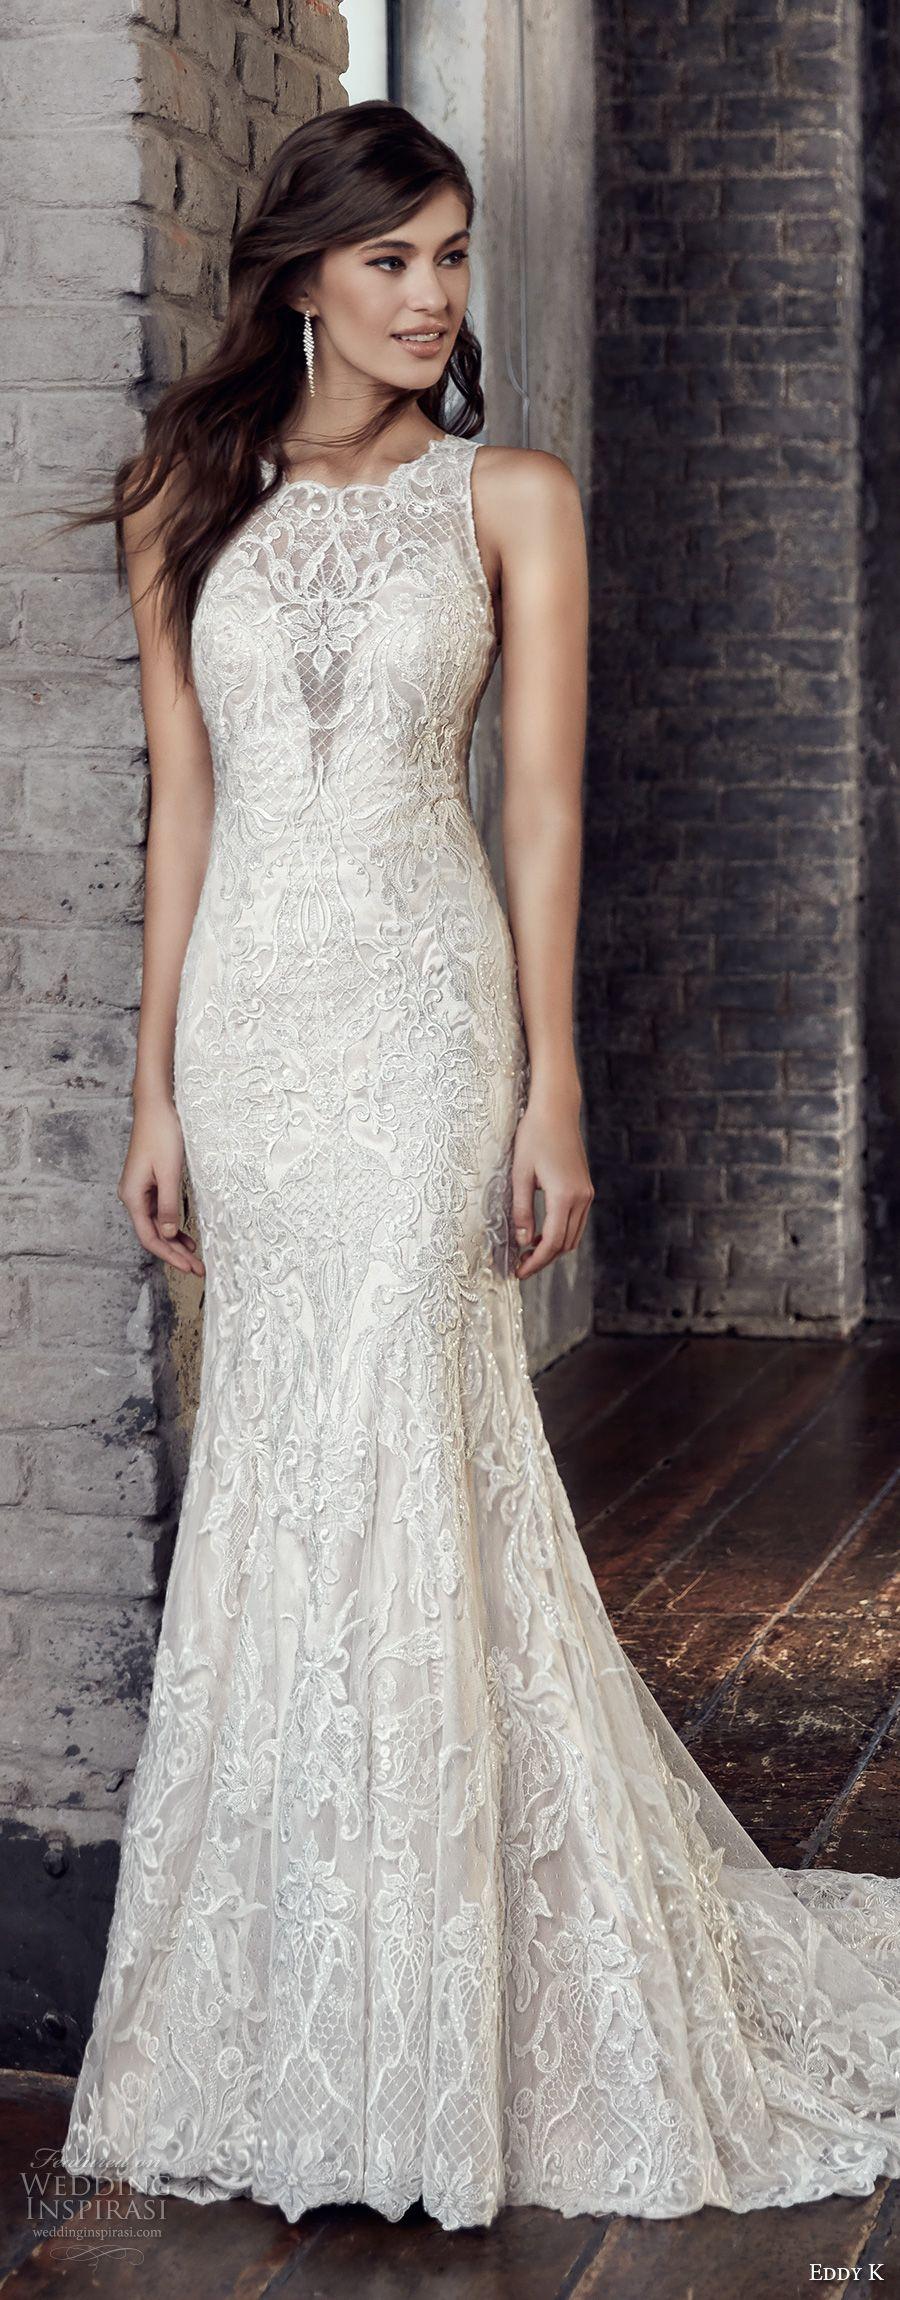 2018 jewel neckline wedding dress